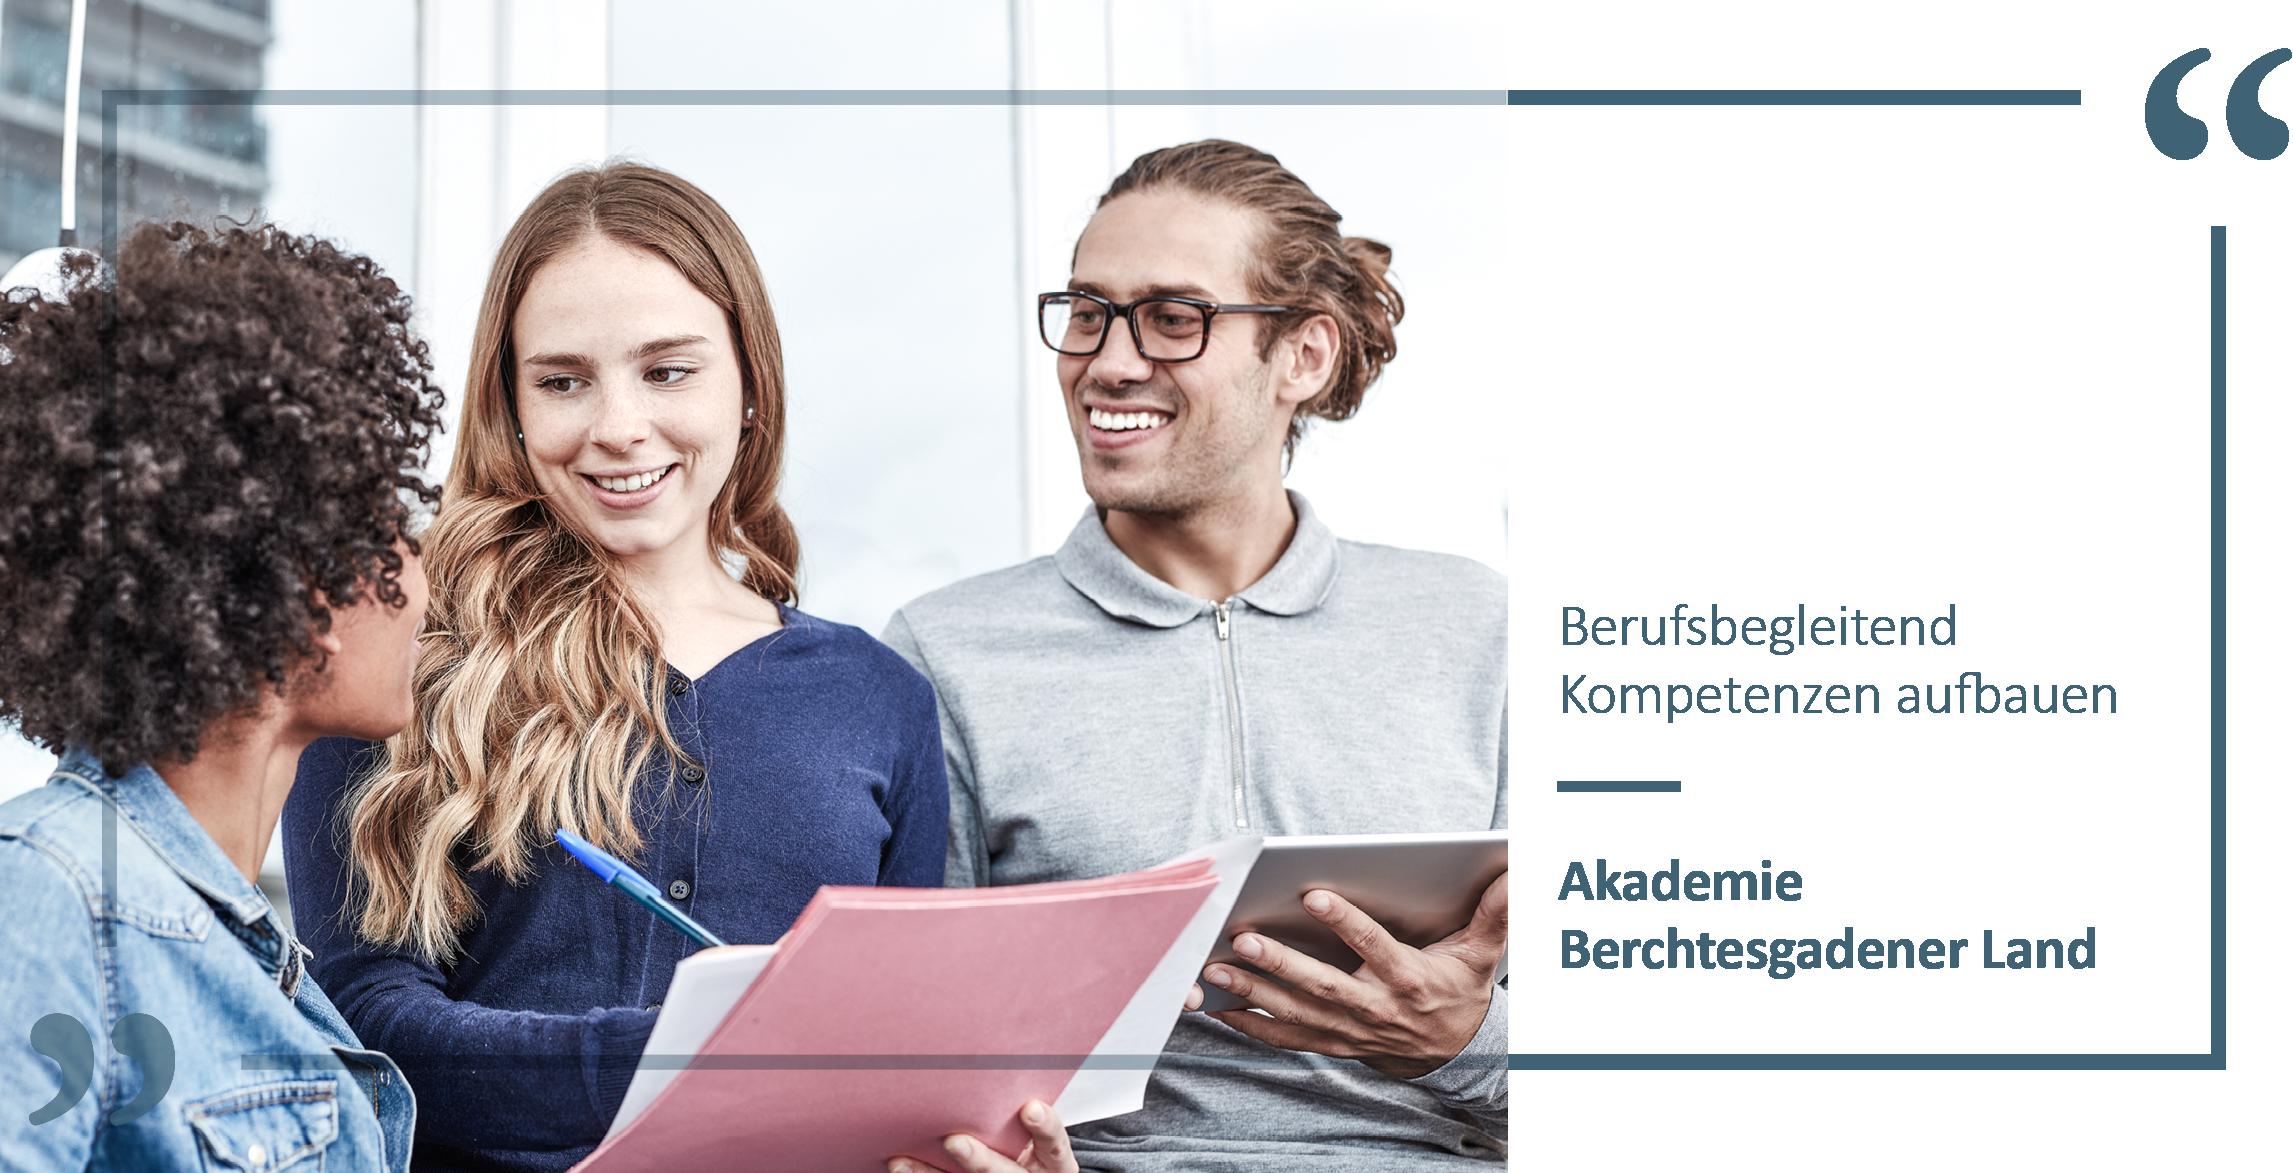 Akademie-BGL-berufsbegleitend-Kompetenzen-aufbauen